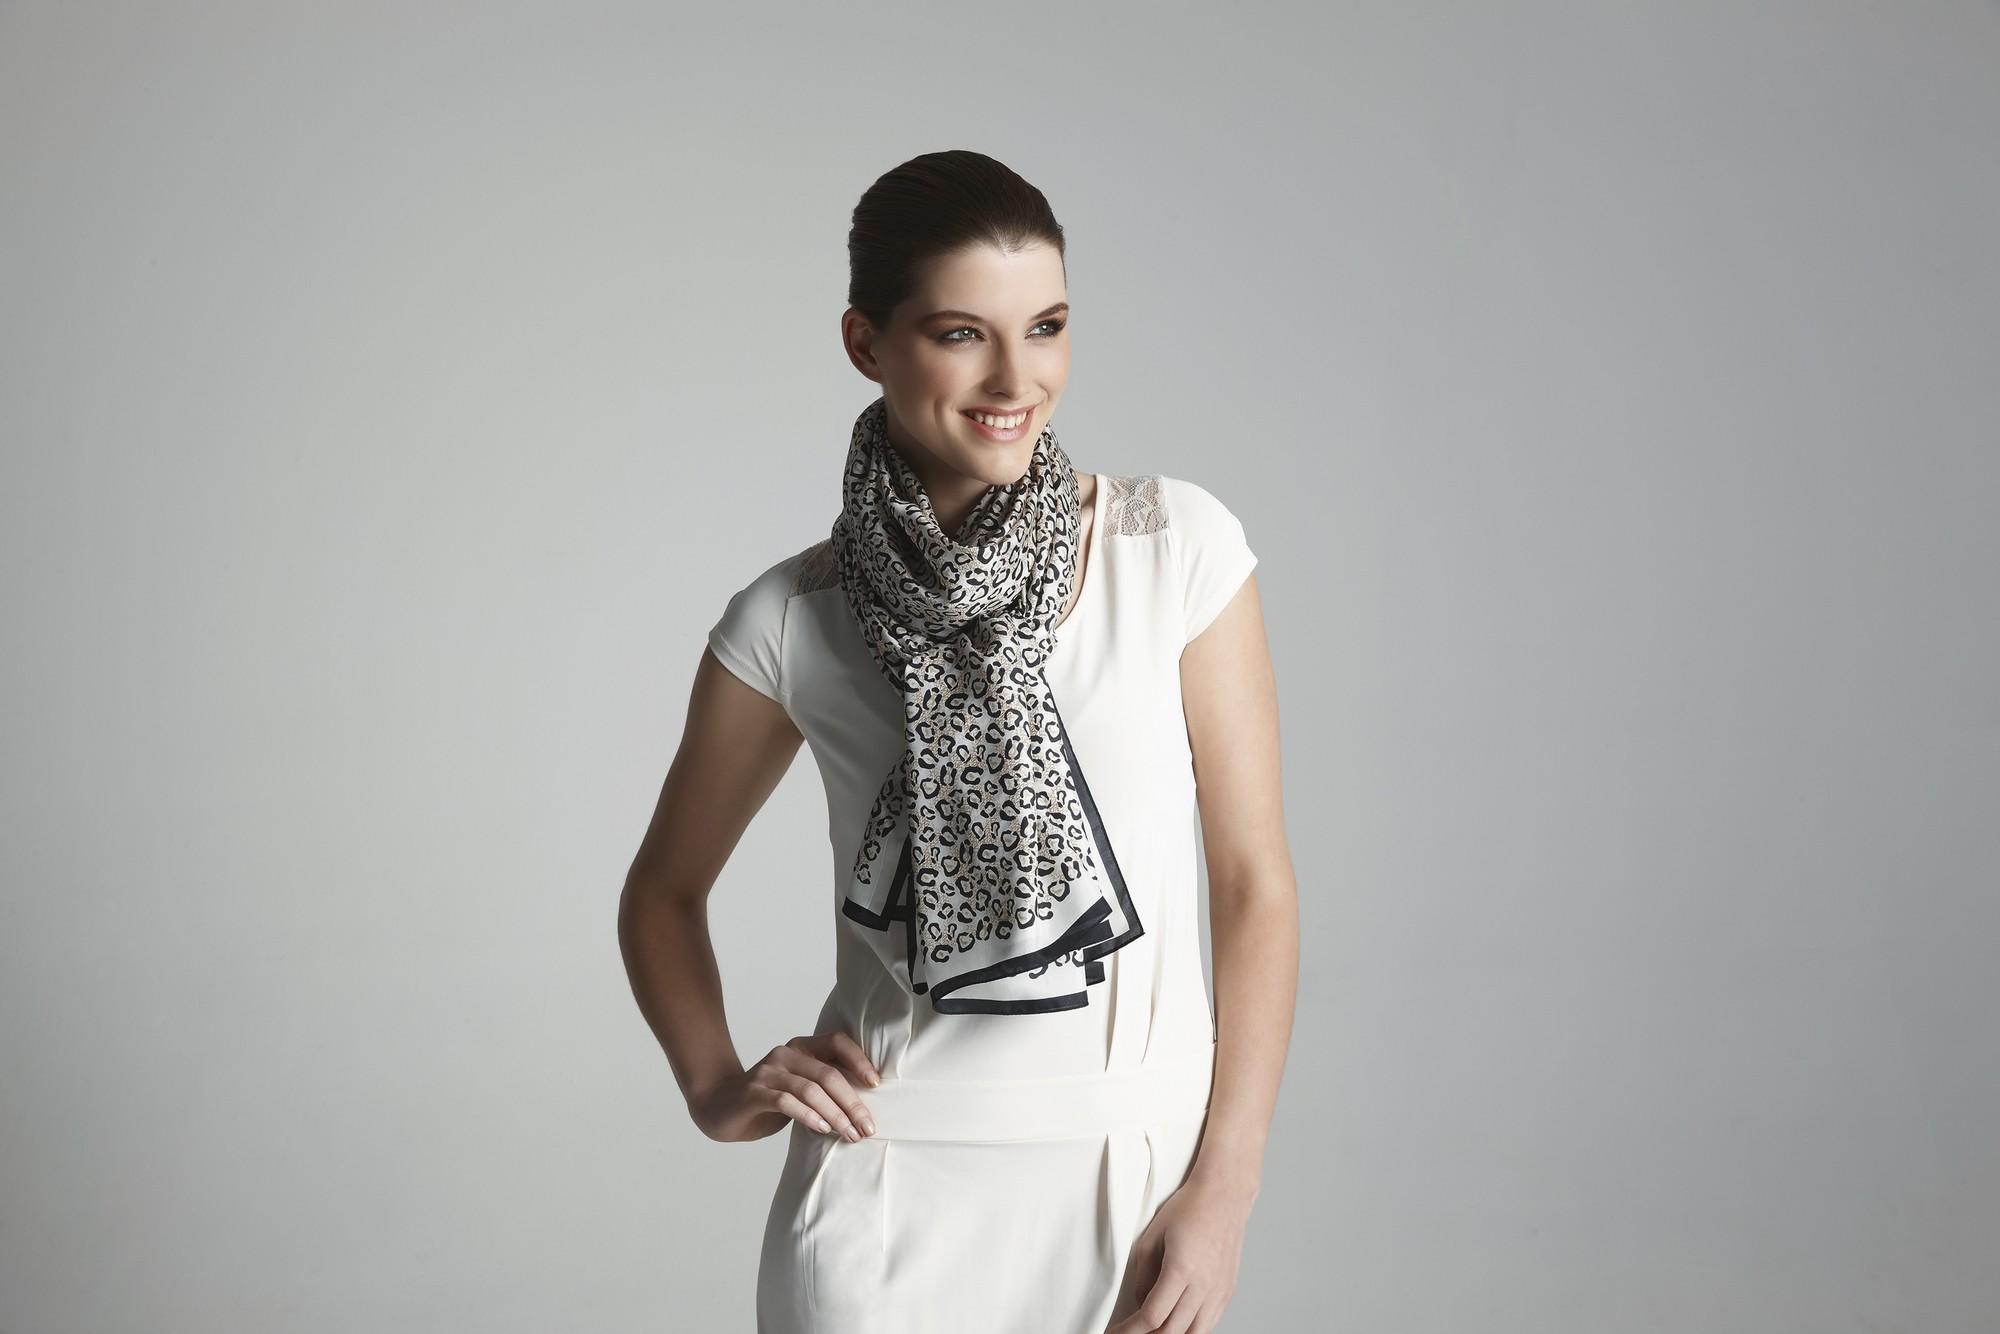 Promeco sjaals met model 23-01-150396